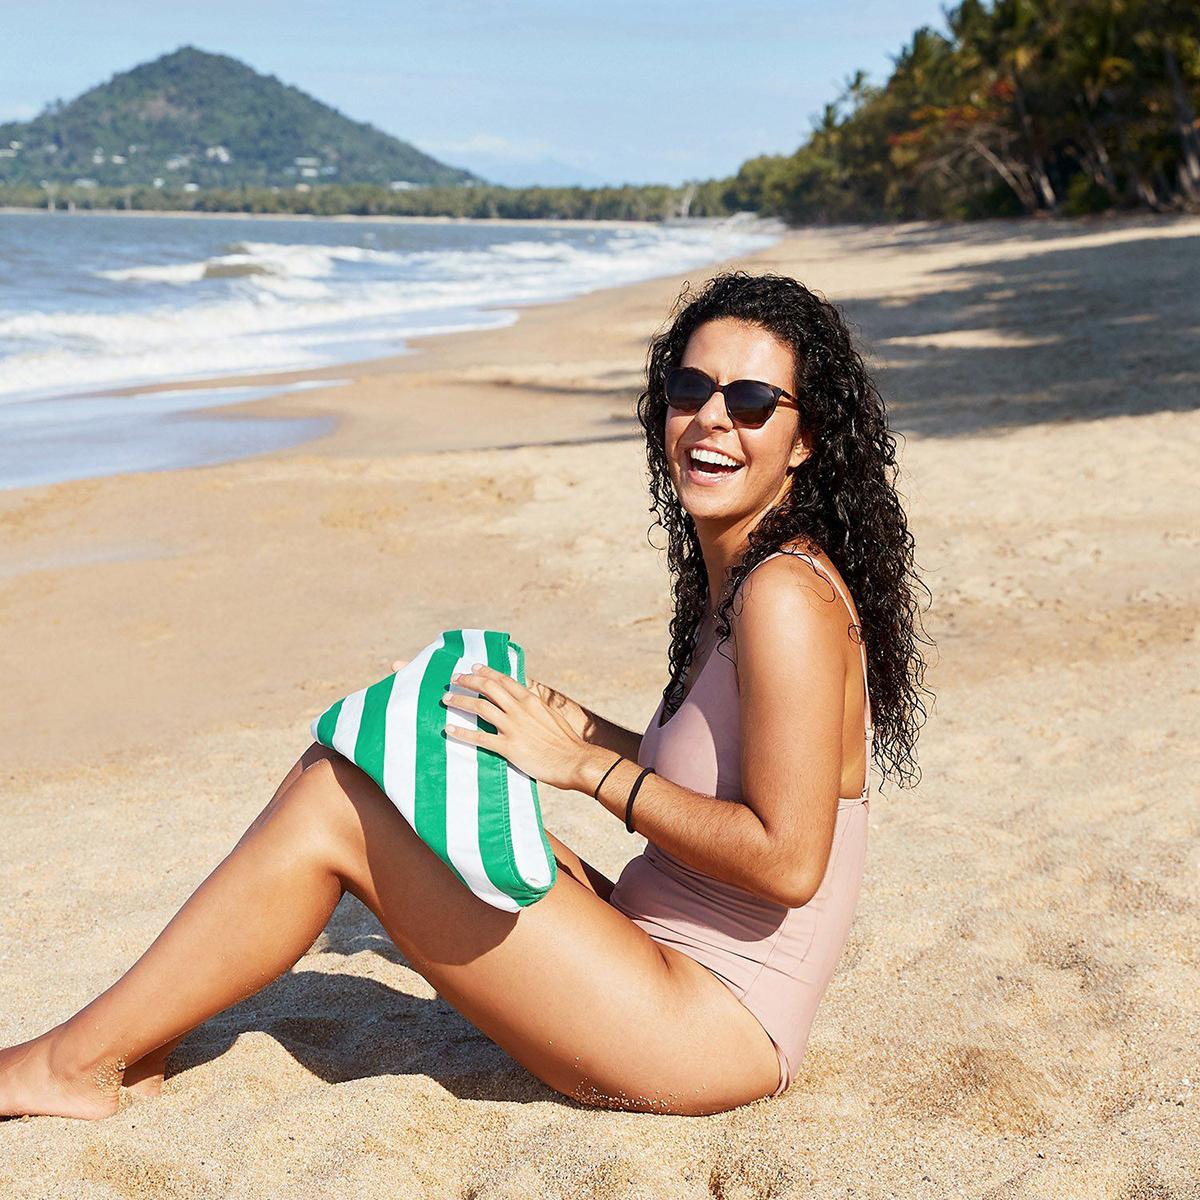 うっかりビーチに落としても、砂がくっつきません。髪が素早く乾くマイクロファイバー製のカラフルタオル(ヘアラップ)|DOCK & BAY